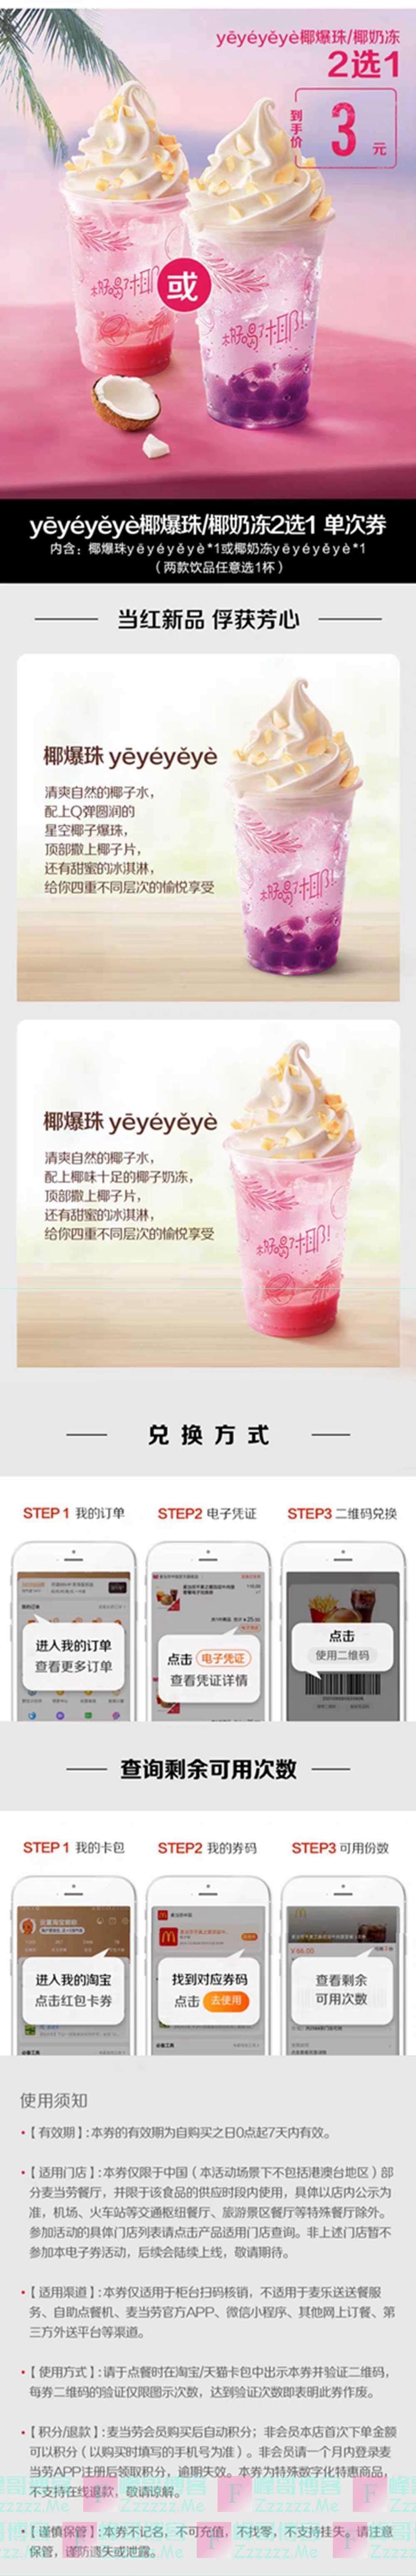 麦当劳双十一返场活动优惠 yeyeyeye椰爆珠/椰奶冻饮品特价优惠3元一杯!